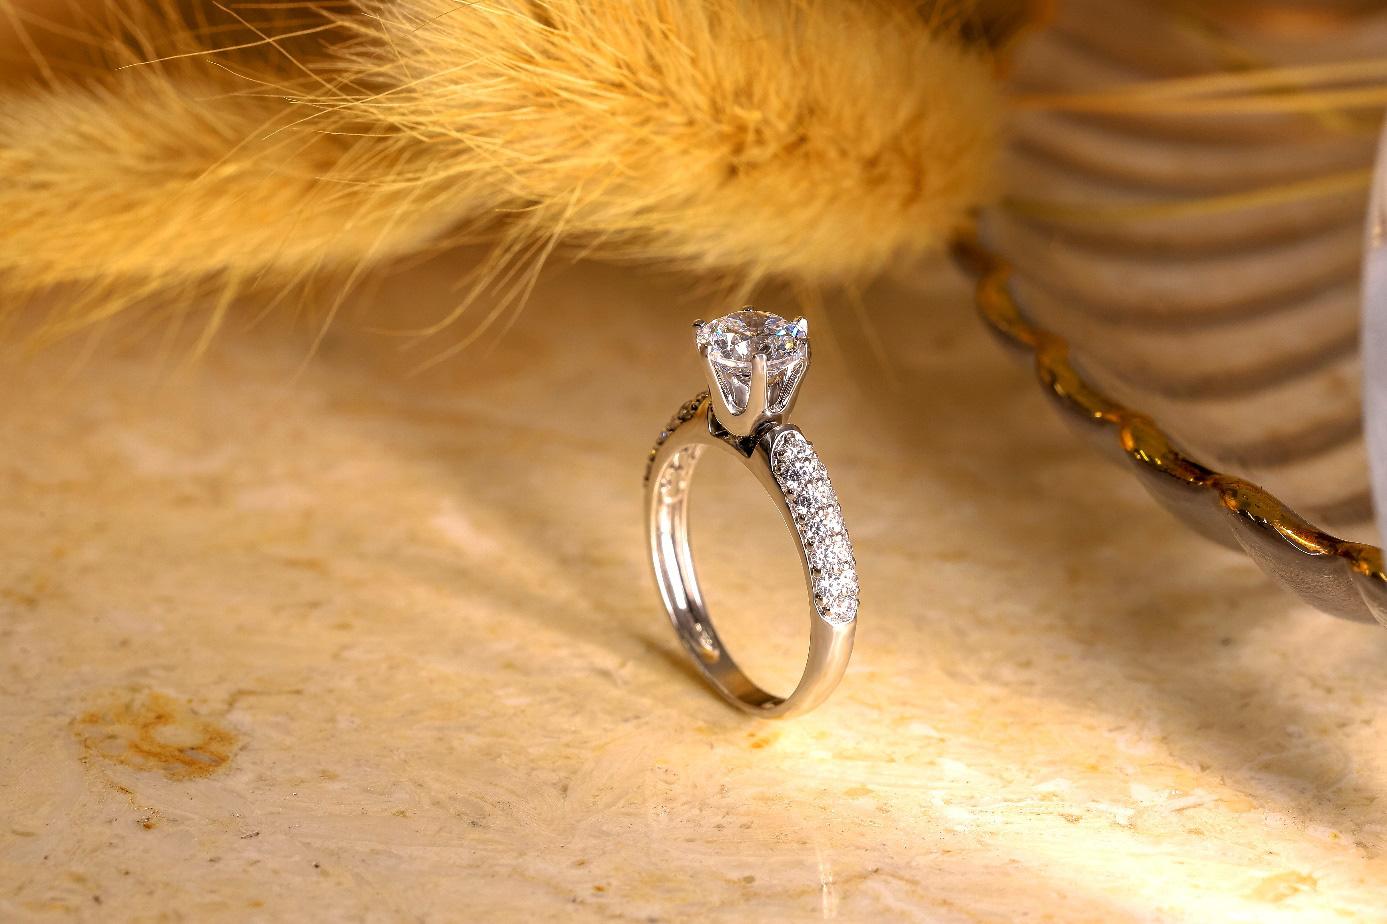 Xu hướng nhẫn cưới đơn giản và tinh tế lên ngôi đầu năm 2021 - Ảnh 7.